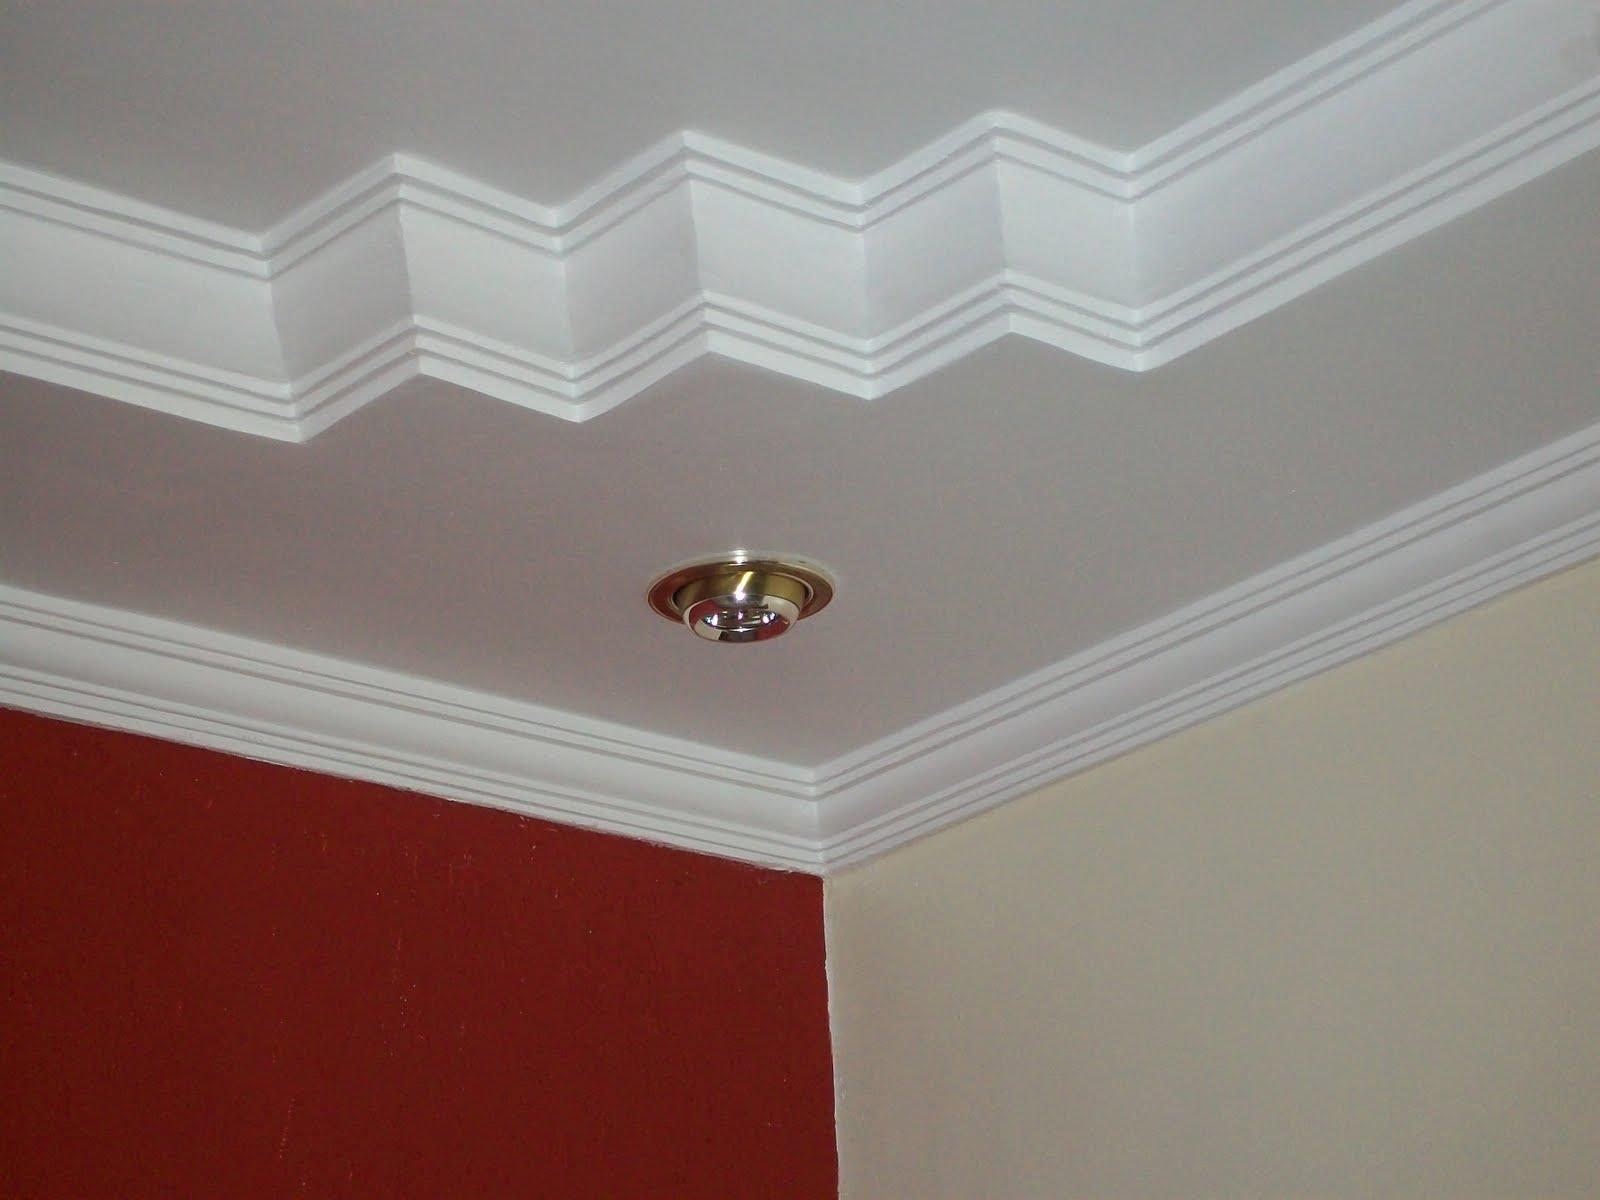 Modelos de molduras de gesso para teto Decorando Casas #601710 1600 1200